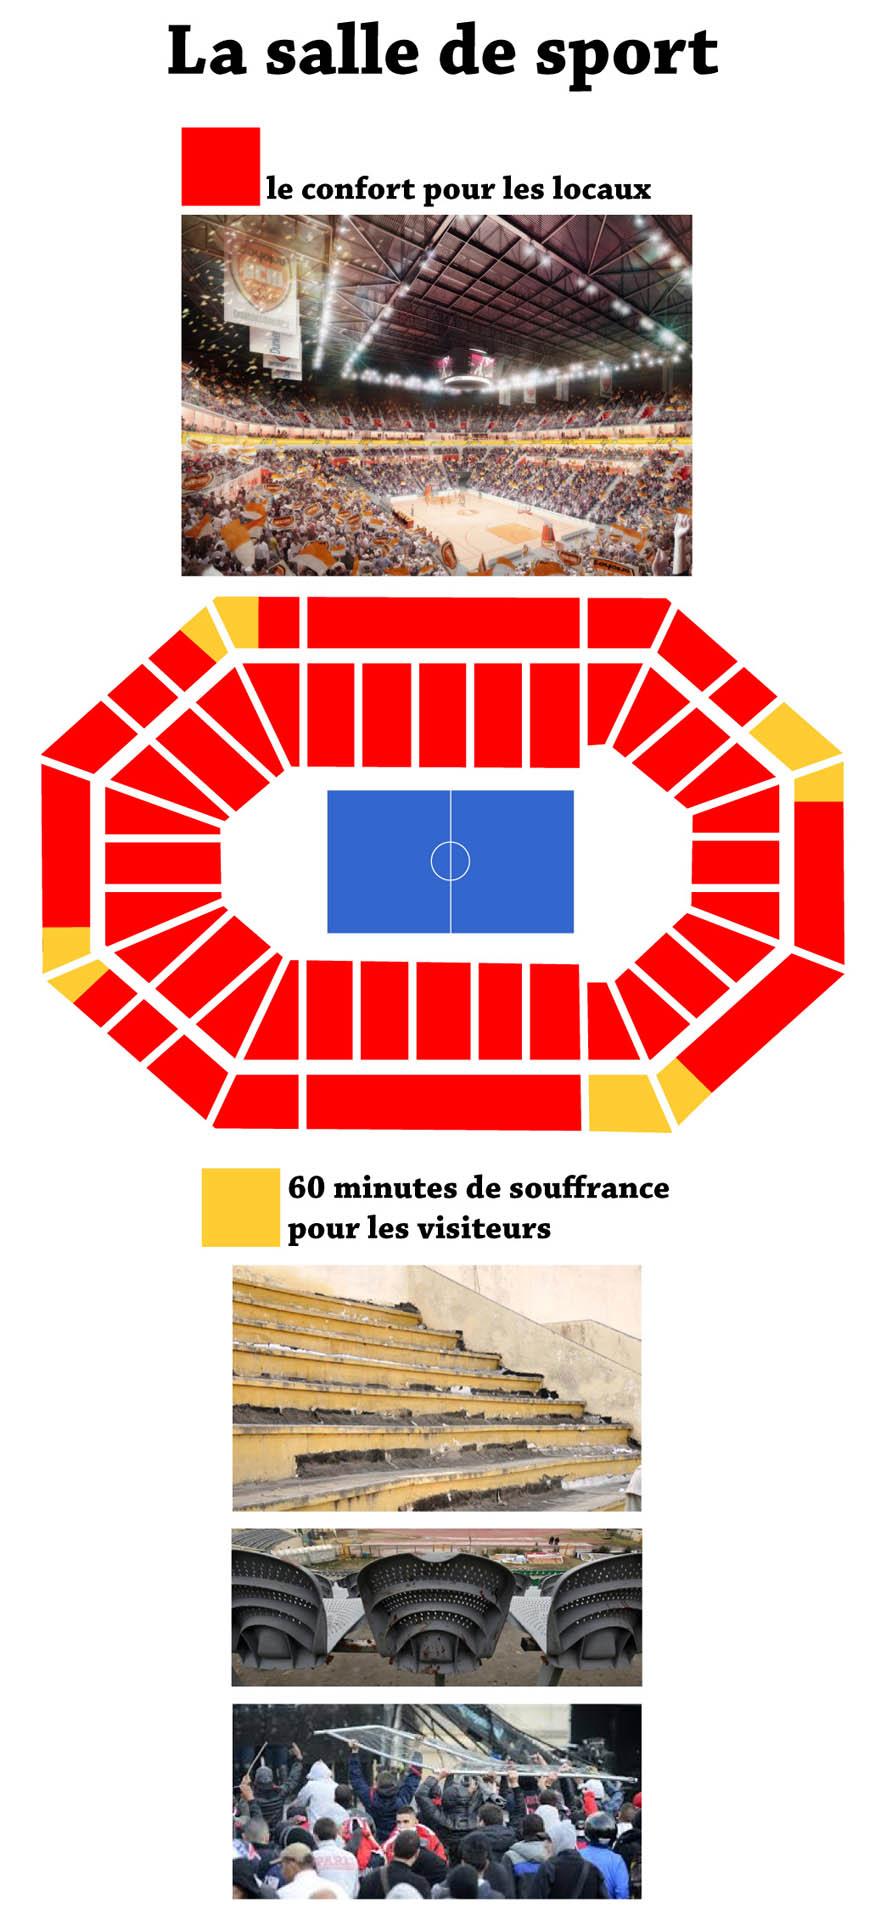 deuxdegres_hedonisme_stade_plan-salle